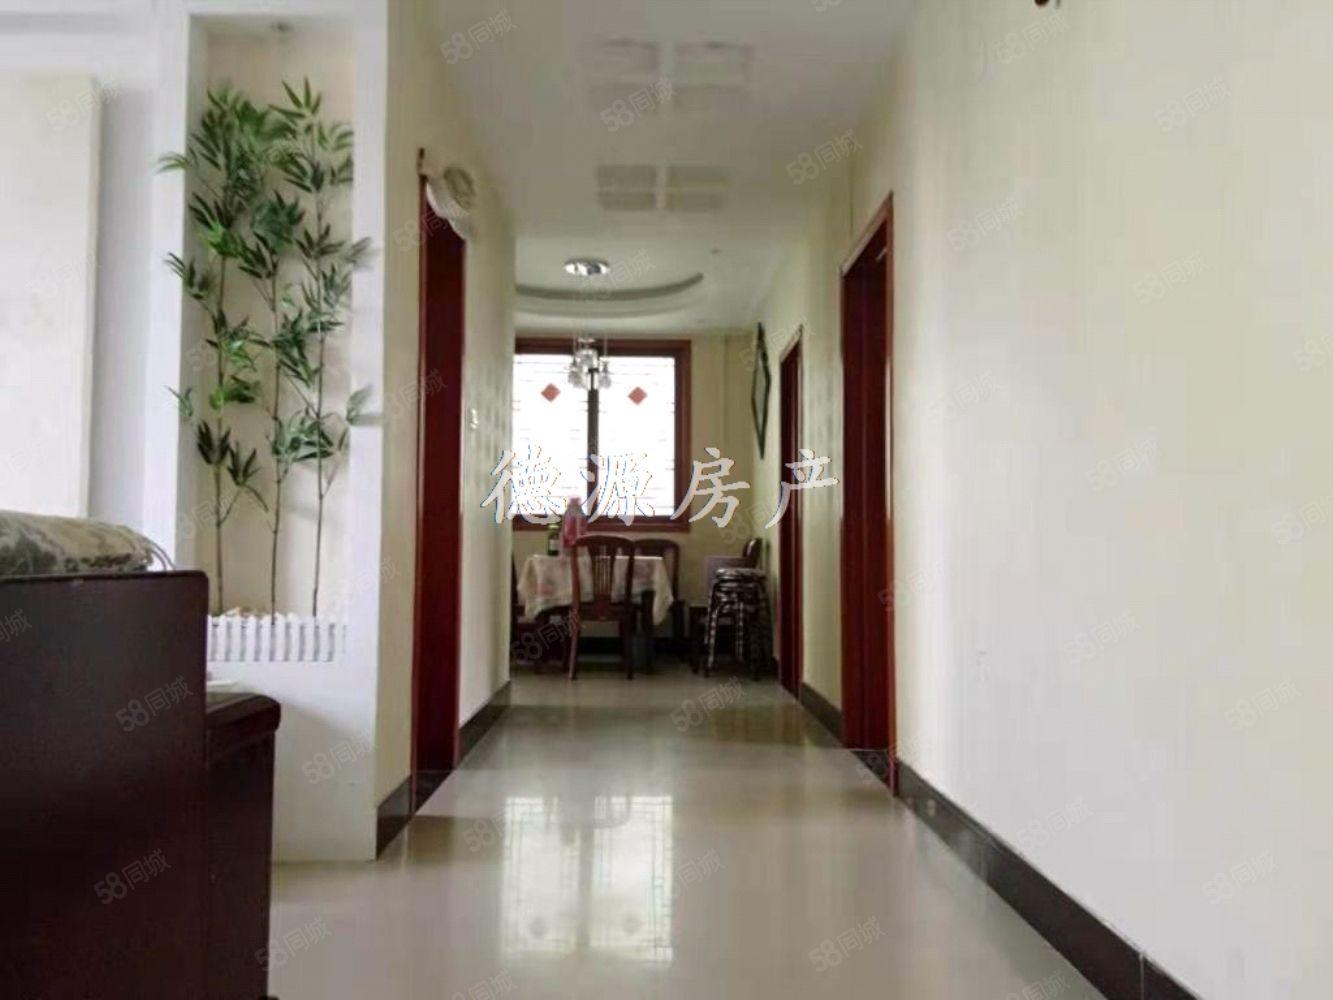 迎宾公寓精装大三居,有证可按揭,紧邻八中二高,生活方便的小区